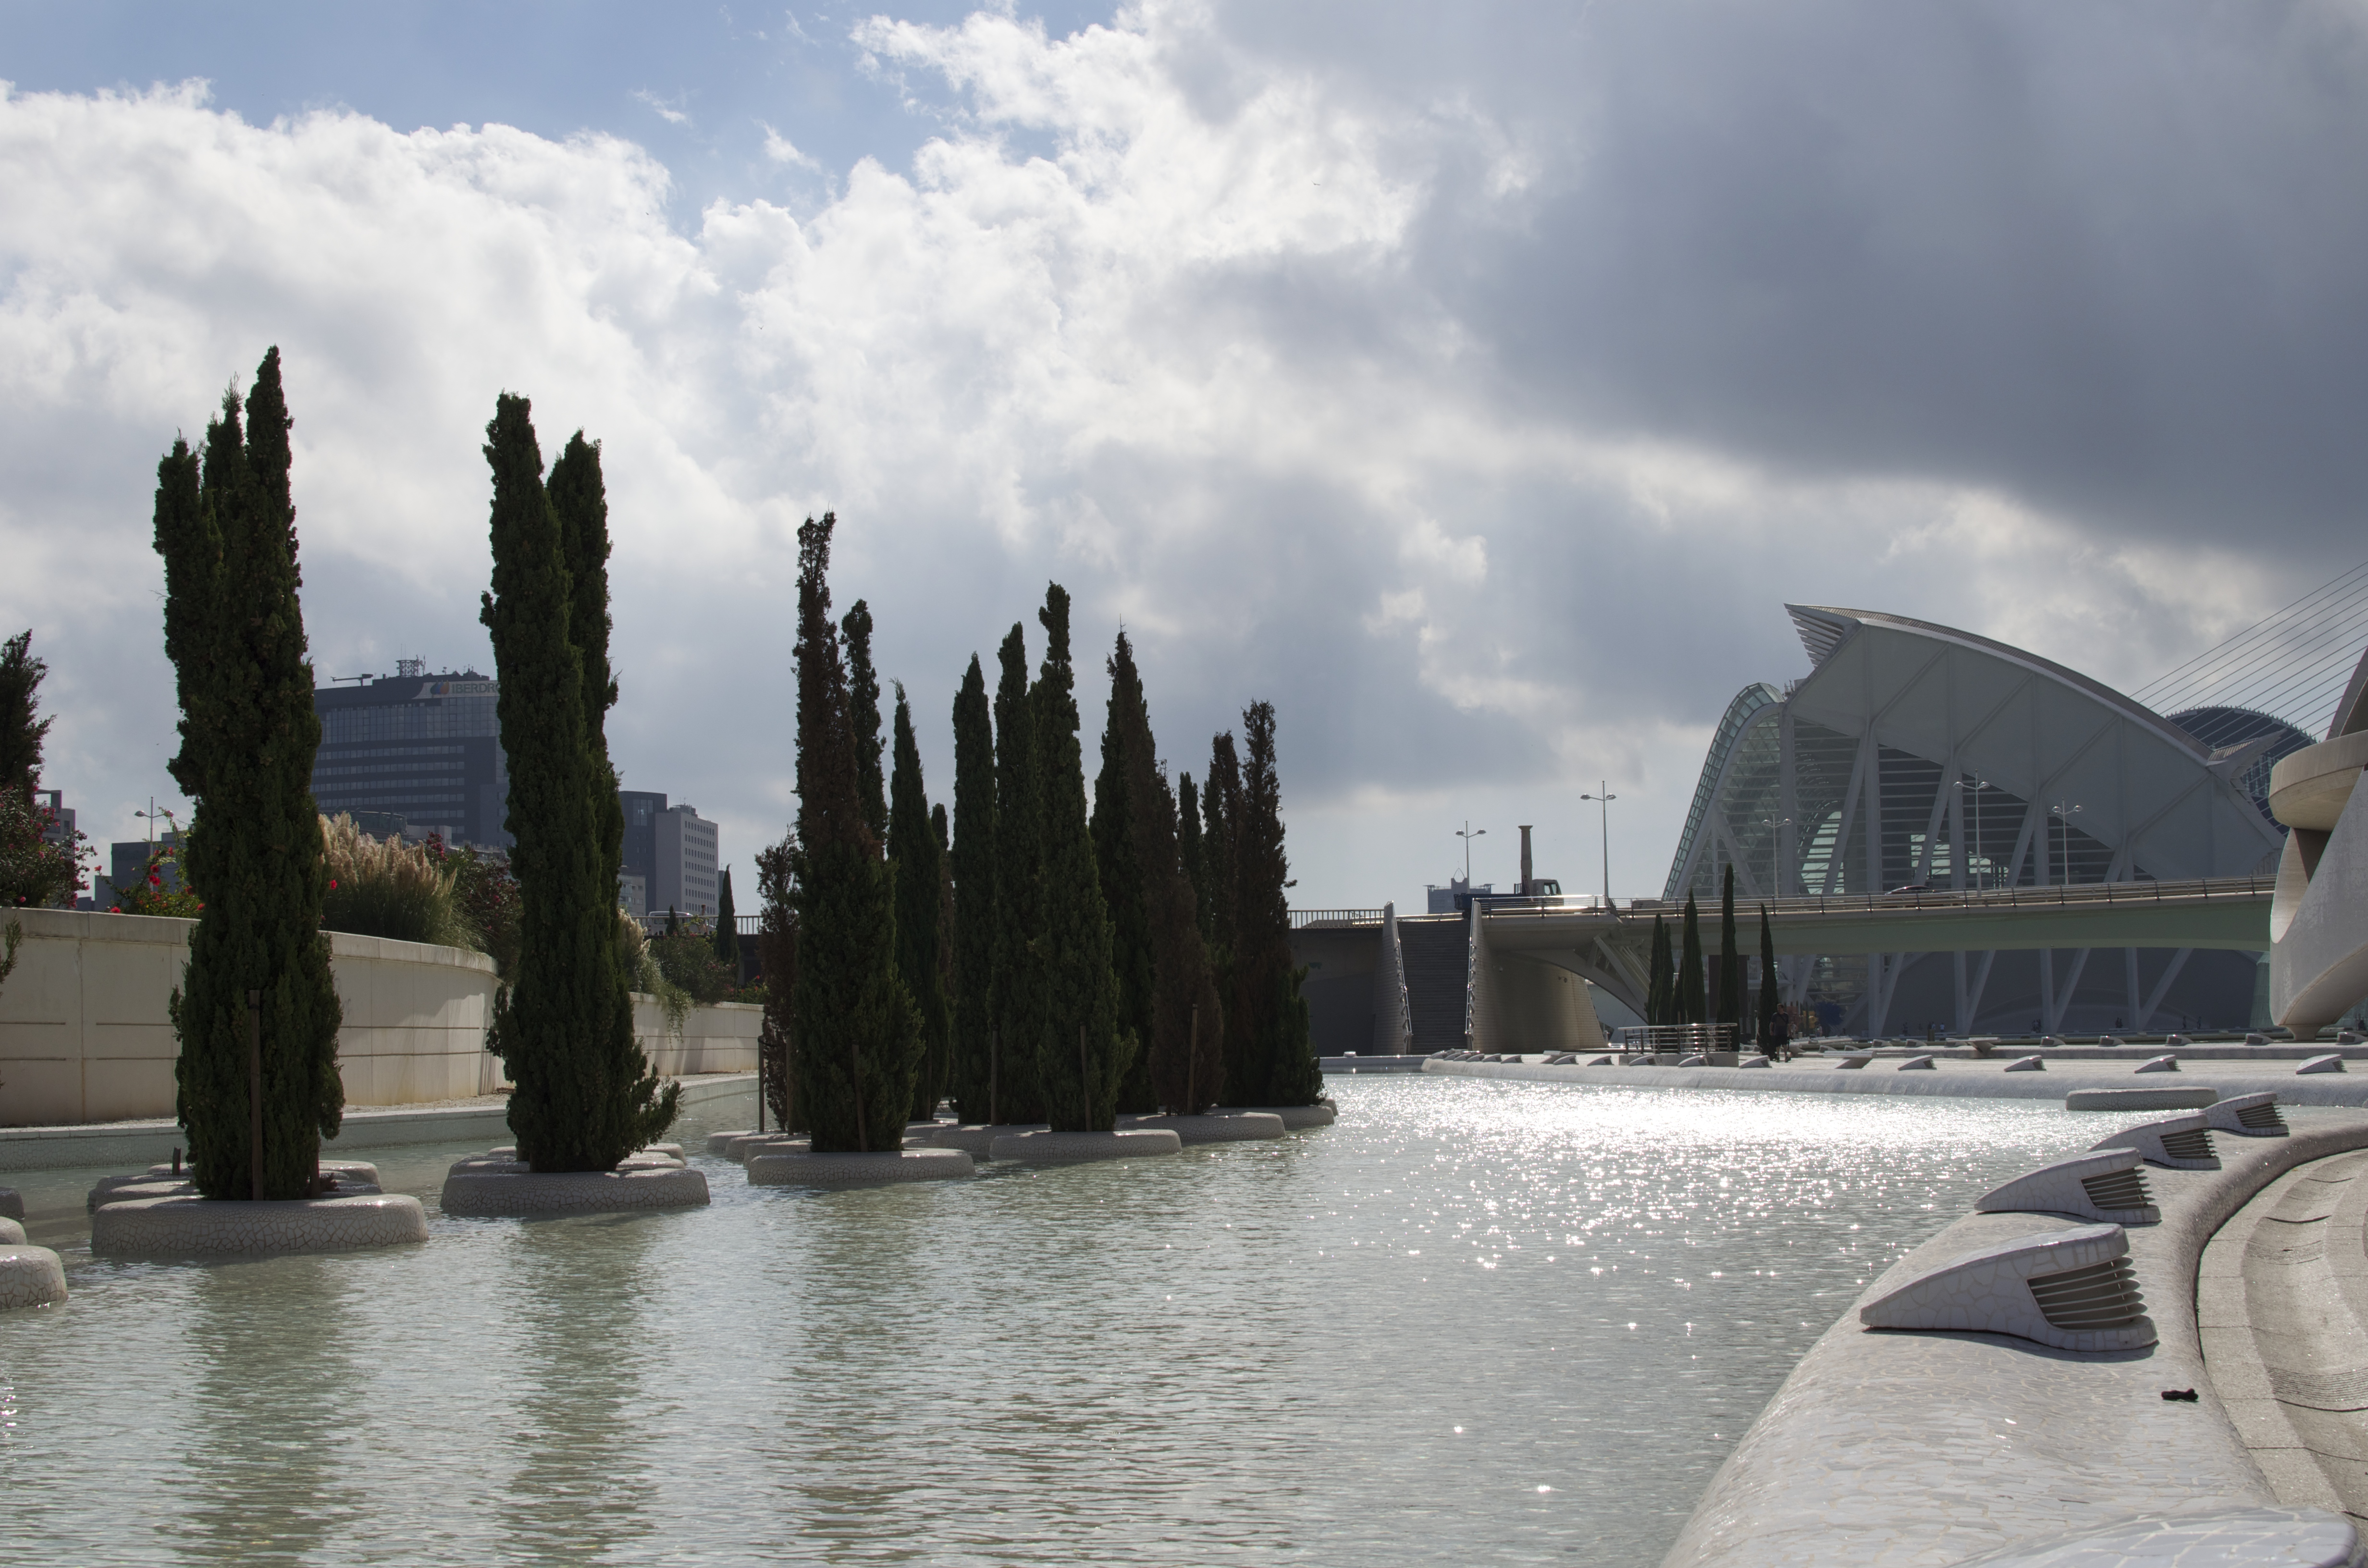 Ciutat de les Arts i les Ciencies - Valencia